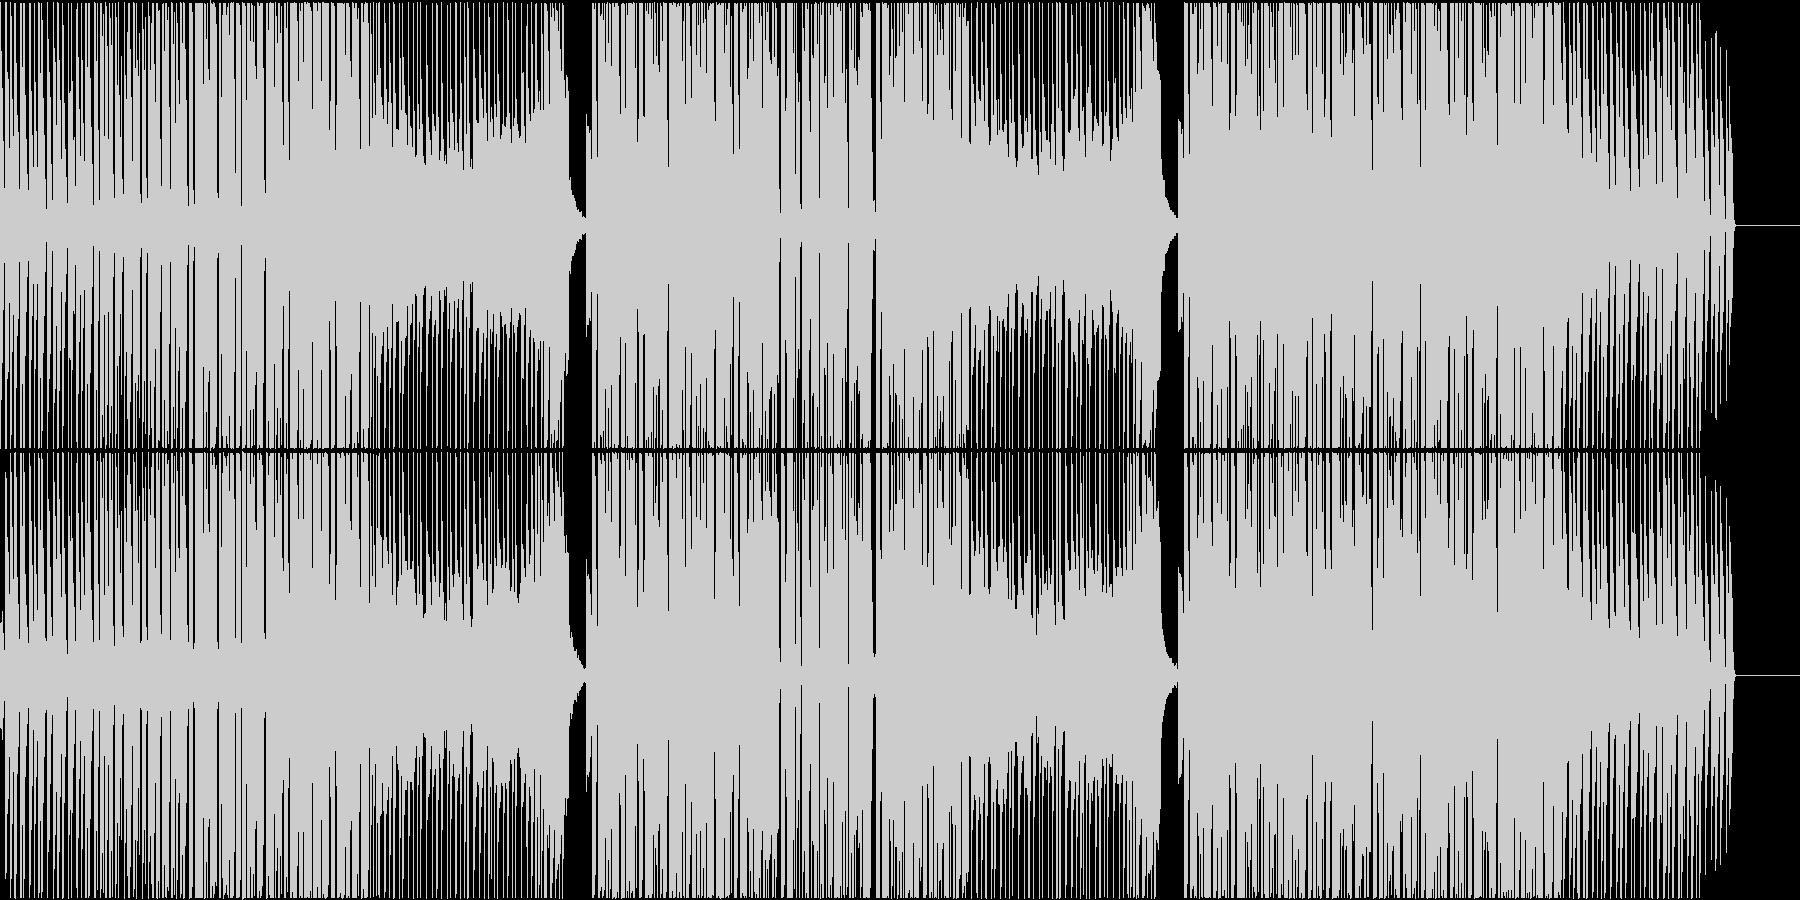 映像作品向きなシンプルなシンセポップの未再生の波形